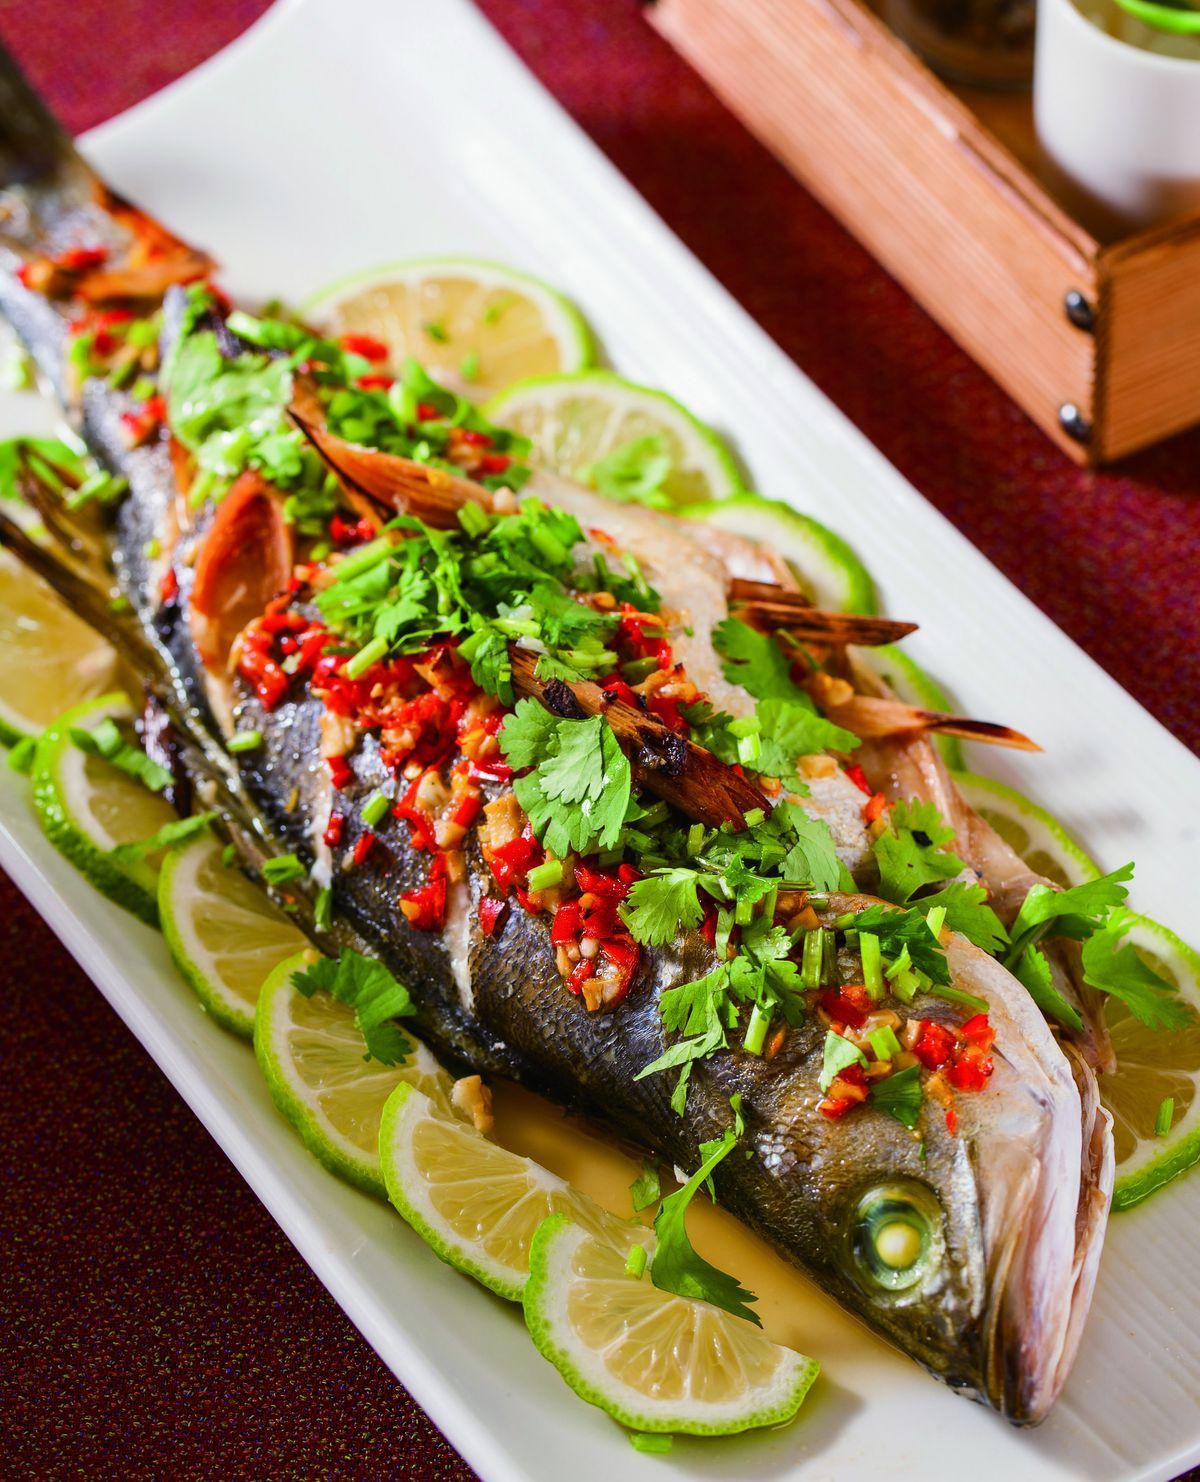 食譜:泰式烤檸檬魚